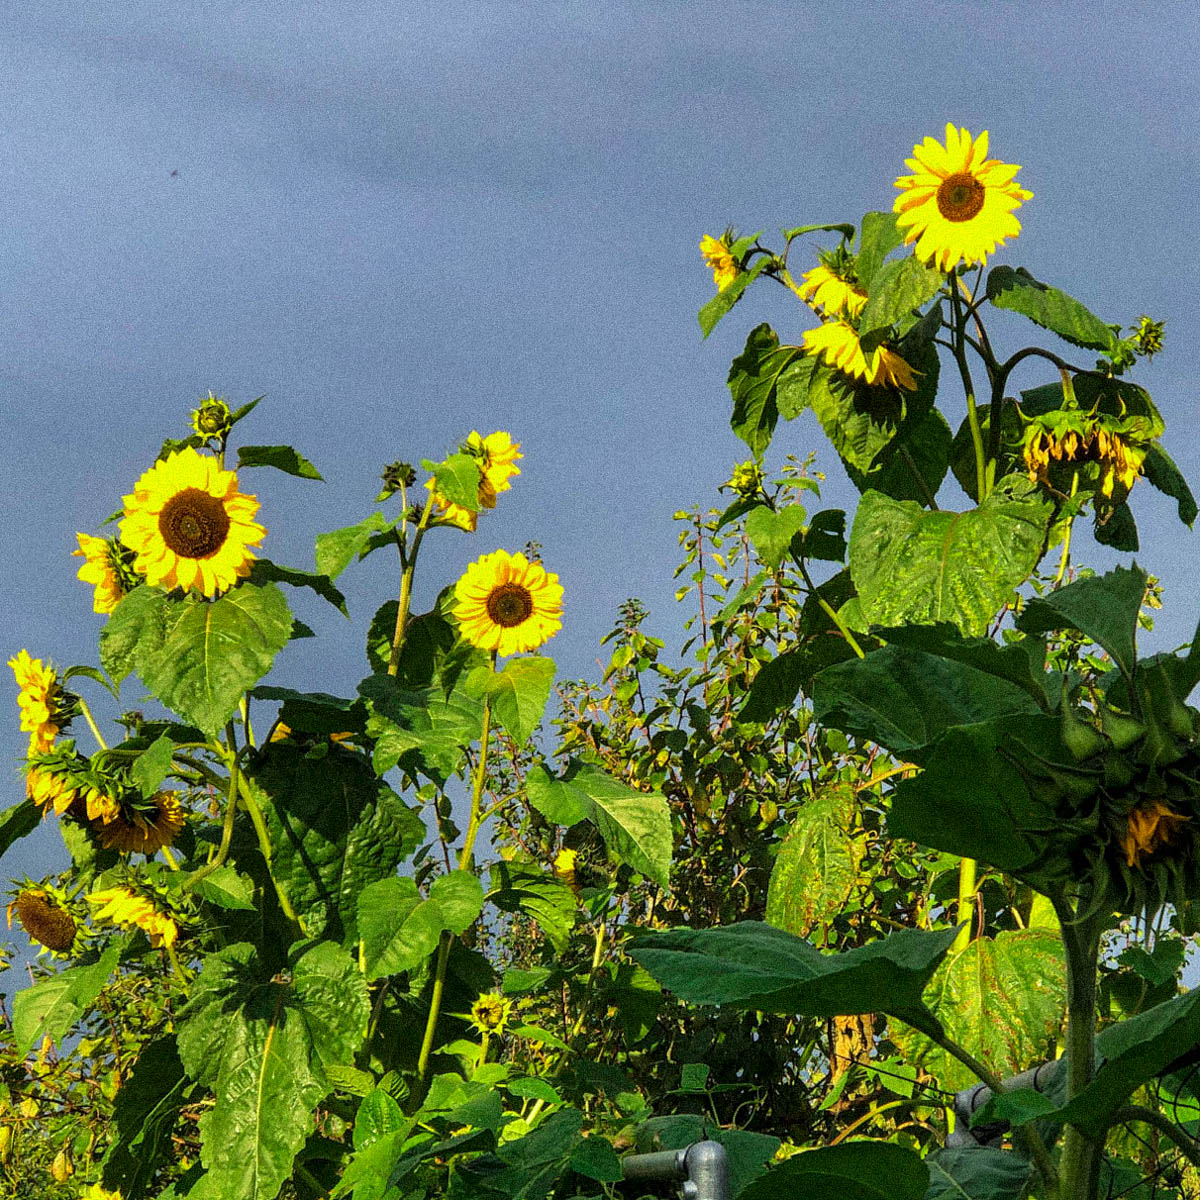 De Makkelijke Moestuin zonnebloem blijft bloeien tot ver in de herfst